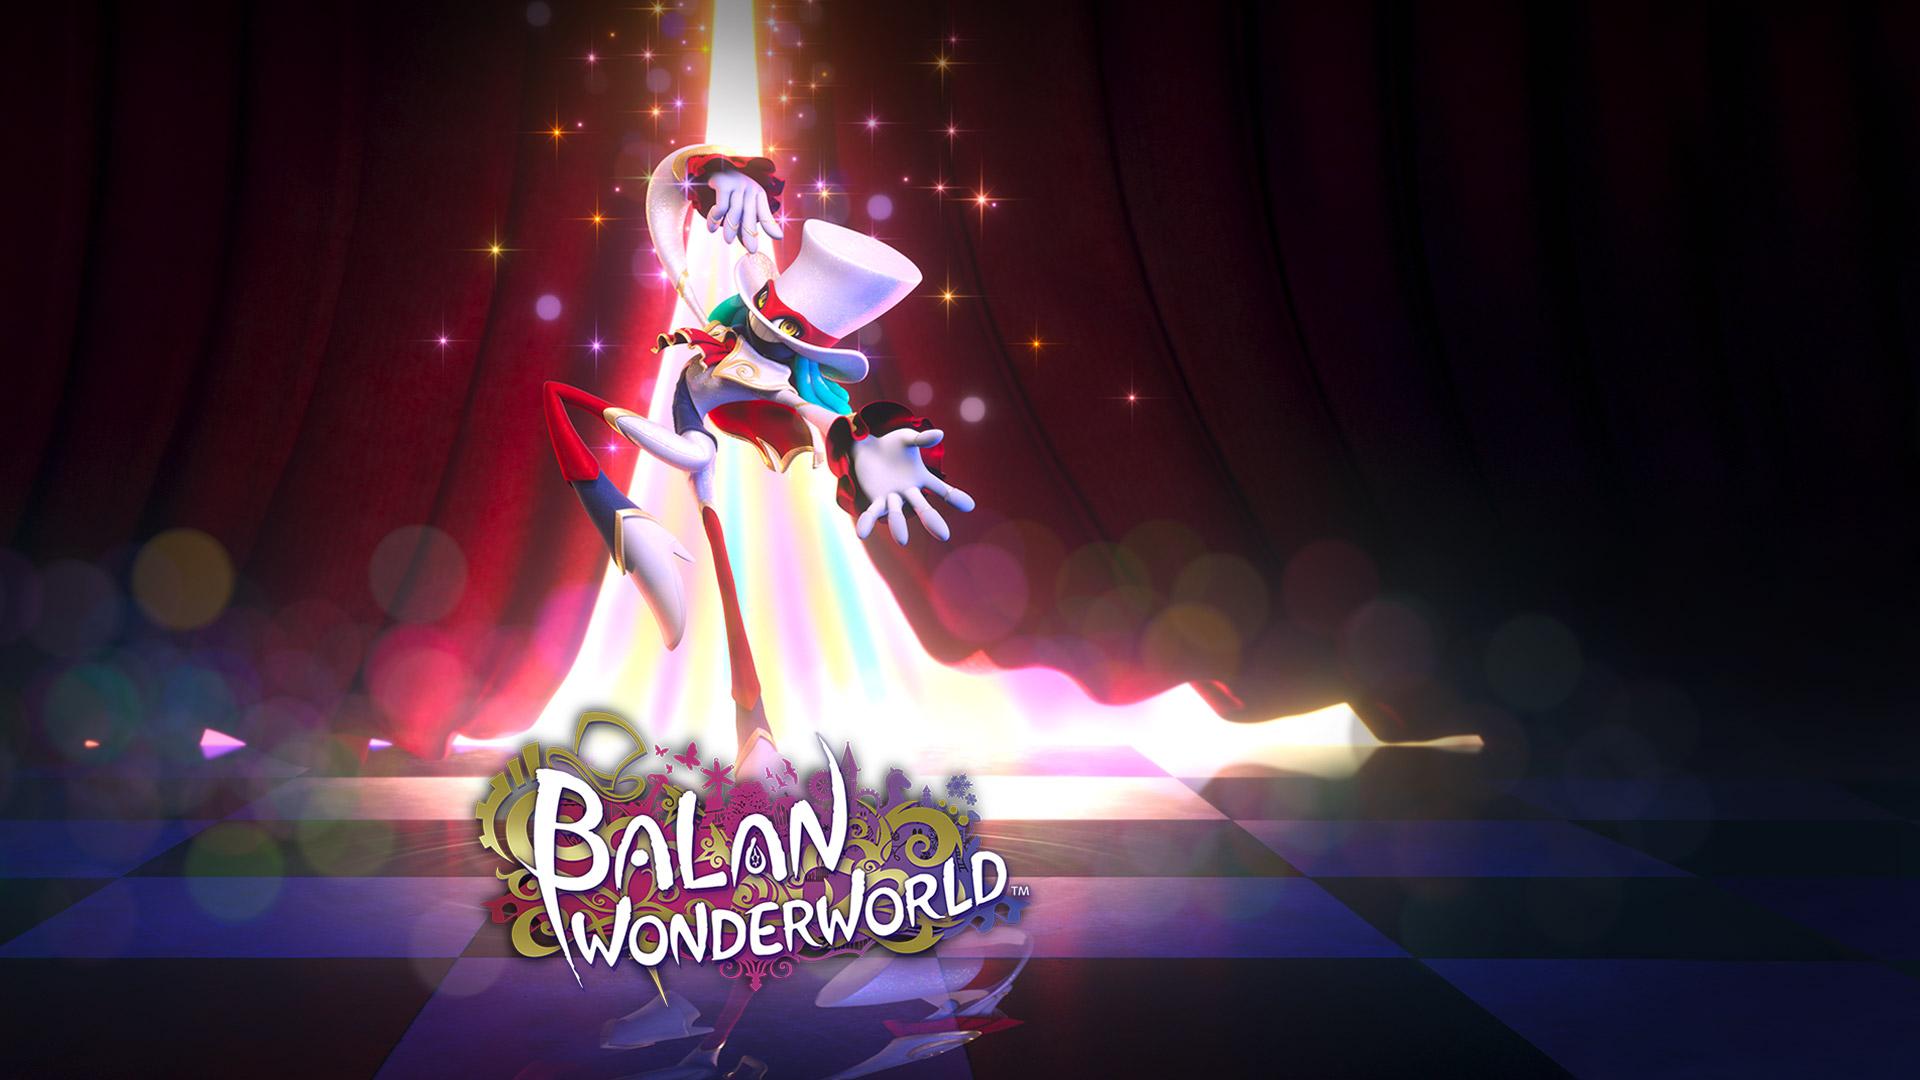 Balan Wonderworld, Ein gut gekleideter Dämon blüht auf einer Bühne vor roten Samtvorhängen auf.